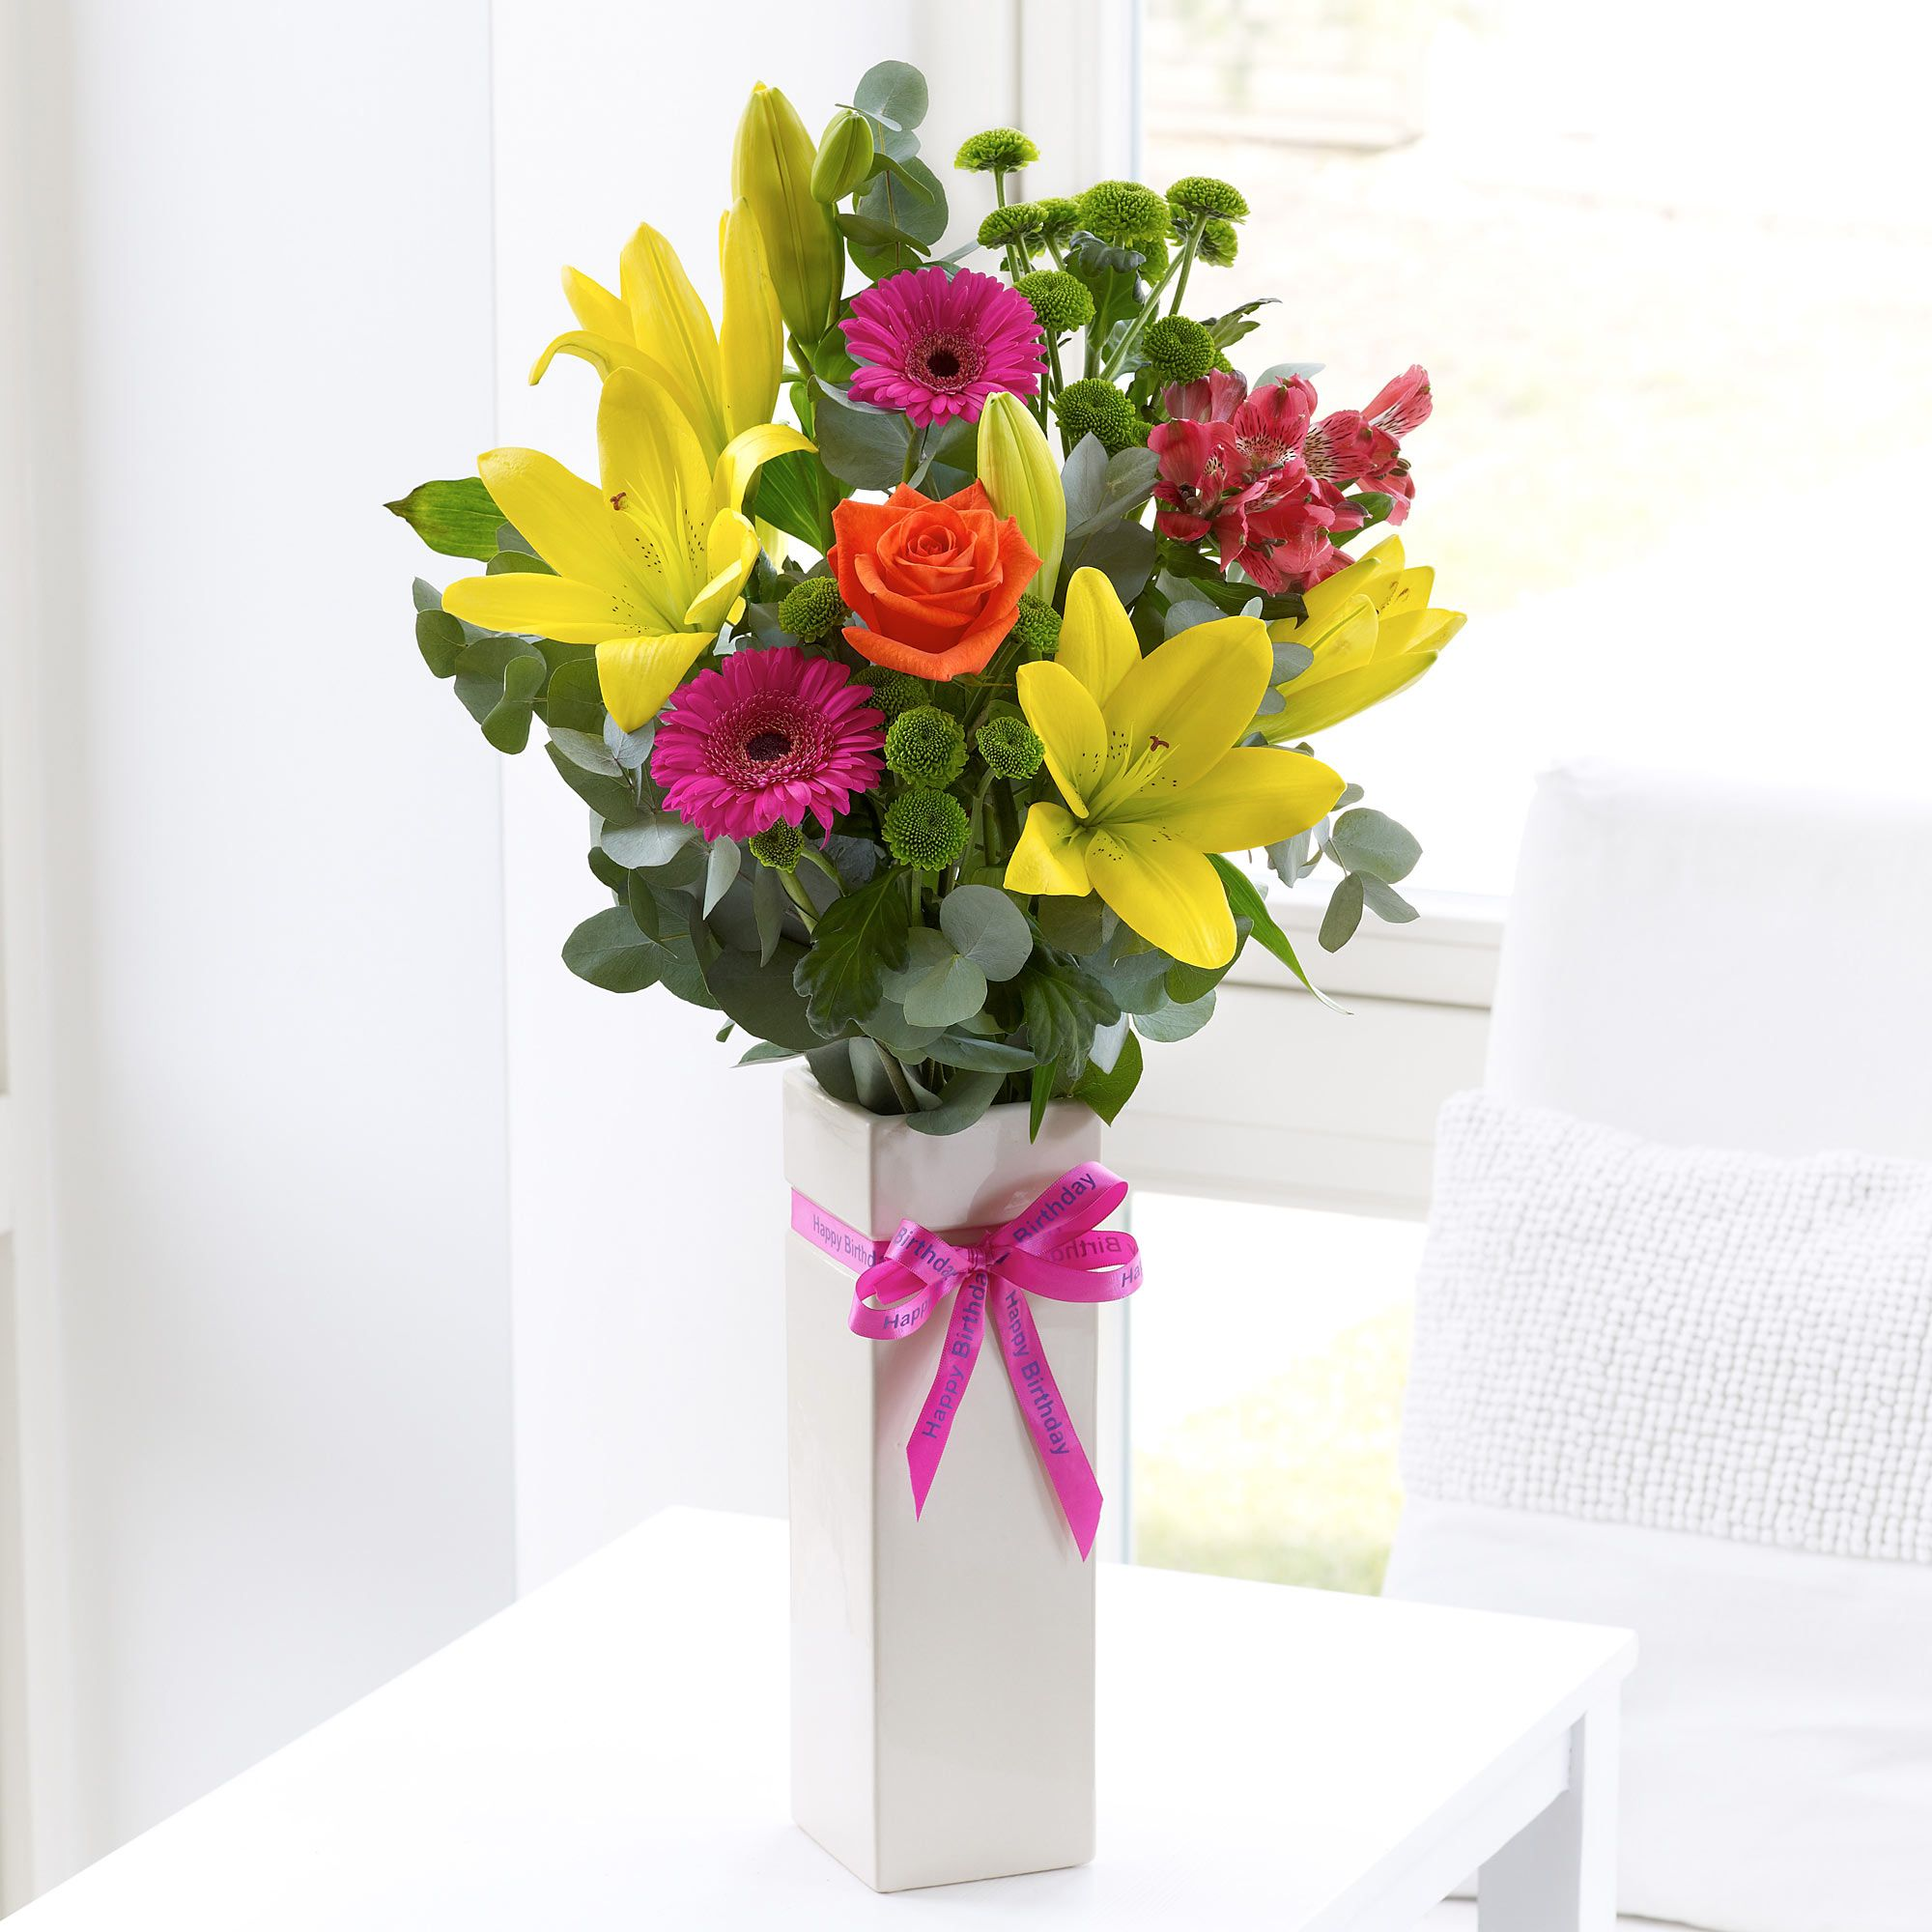 A birthday vase celebration. Birthday flowers, Birthday